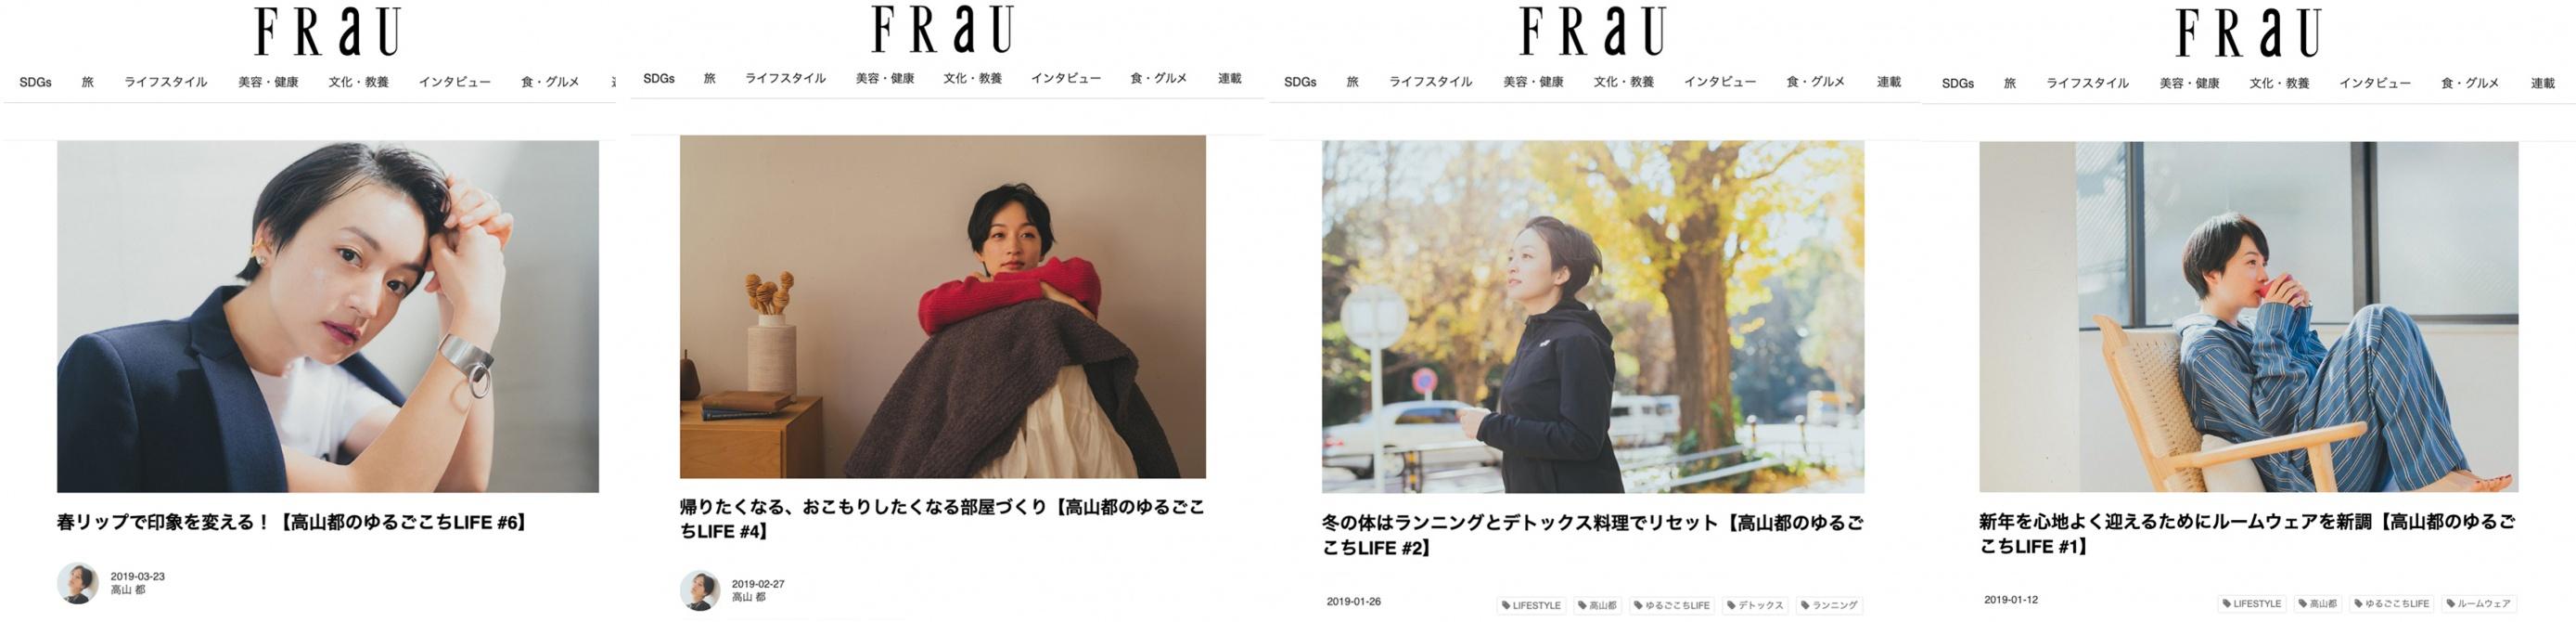 FRaU_online_2019a